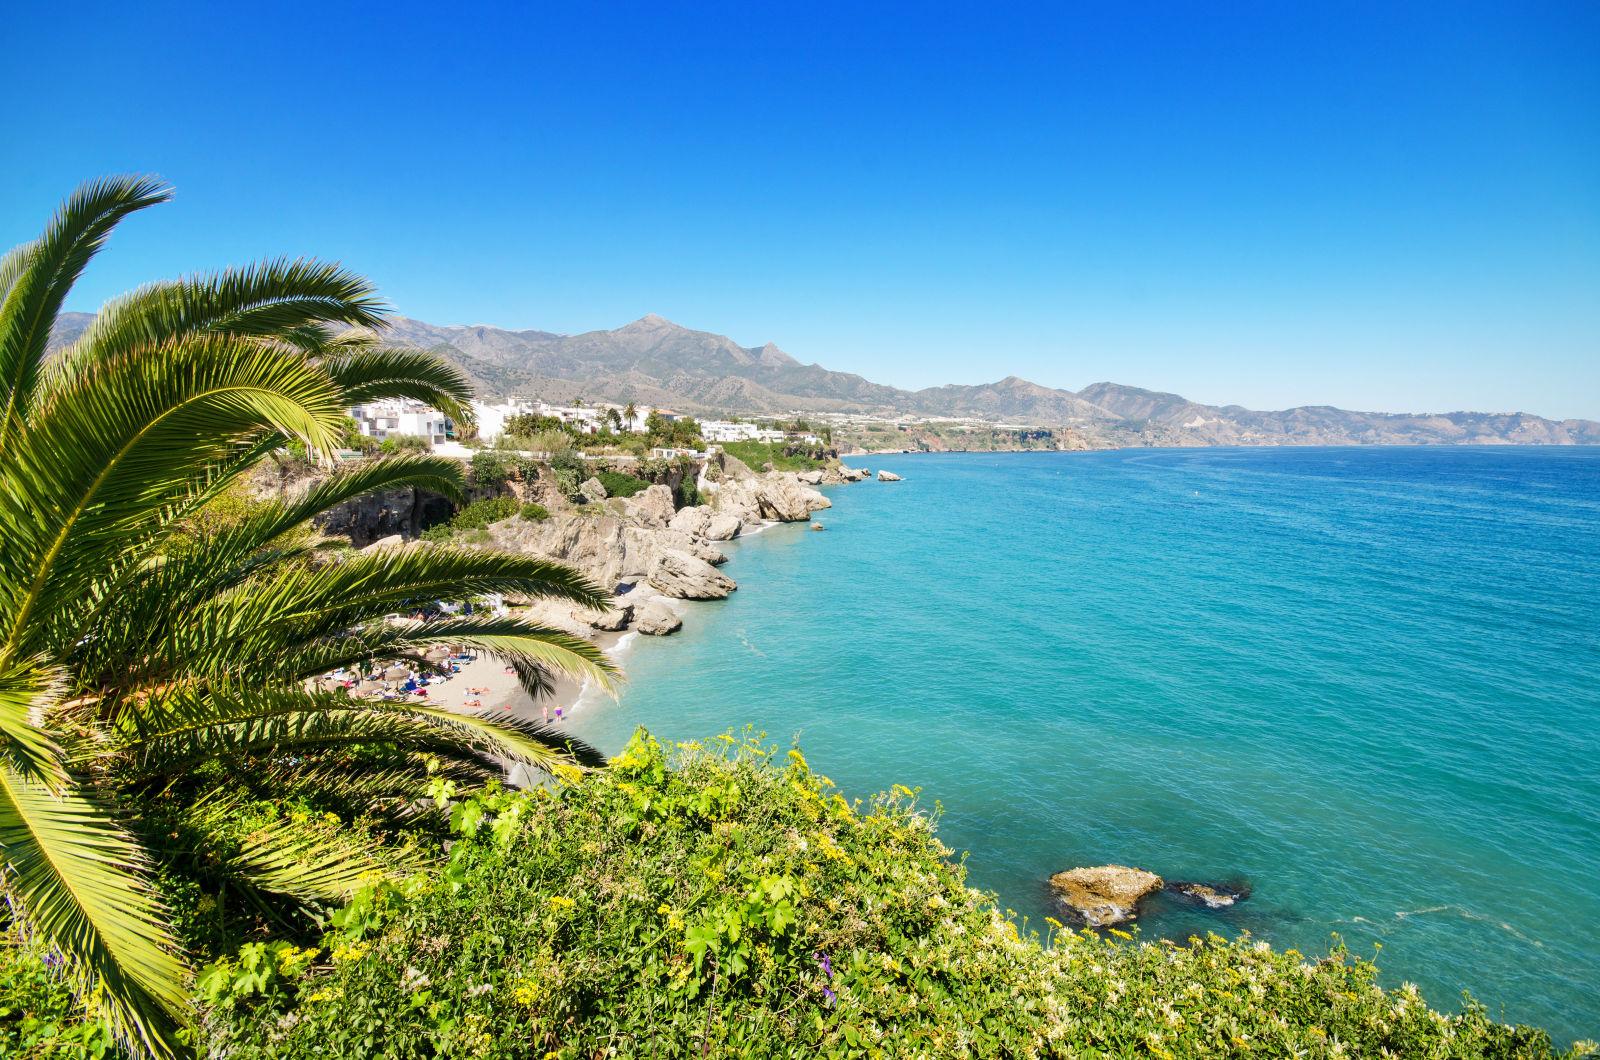 Costa Del Sol mit Palme und Strand in Spanien